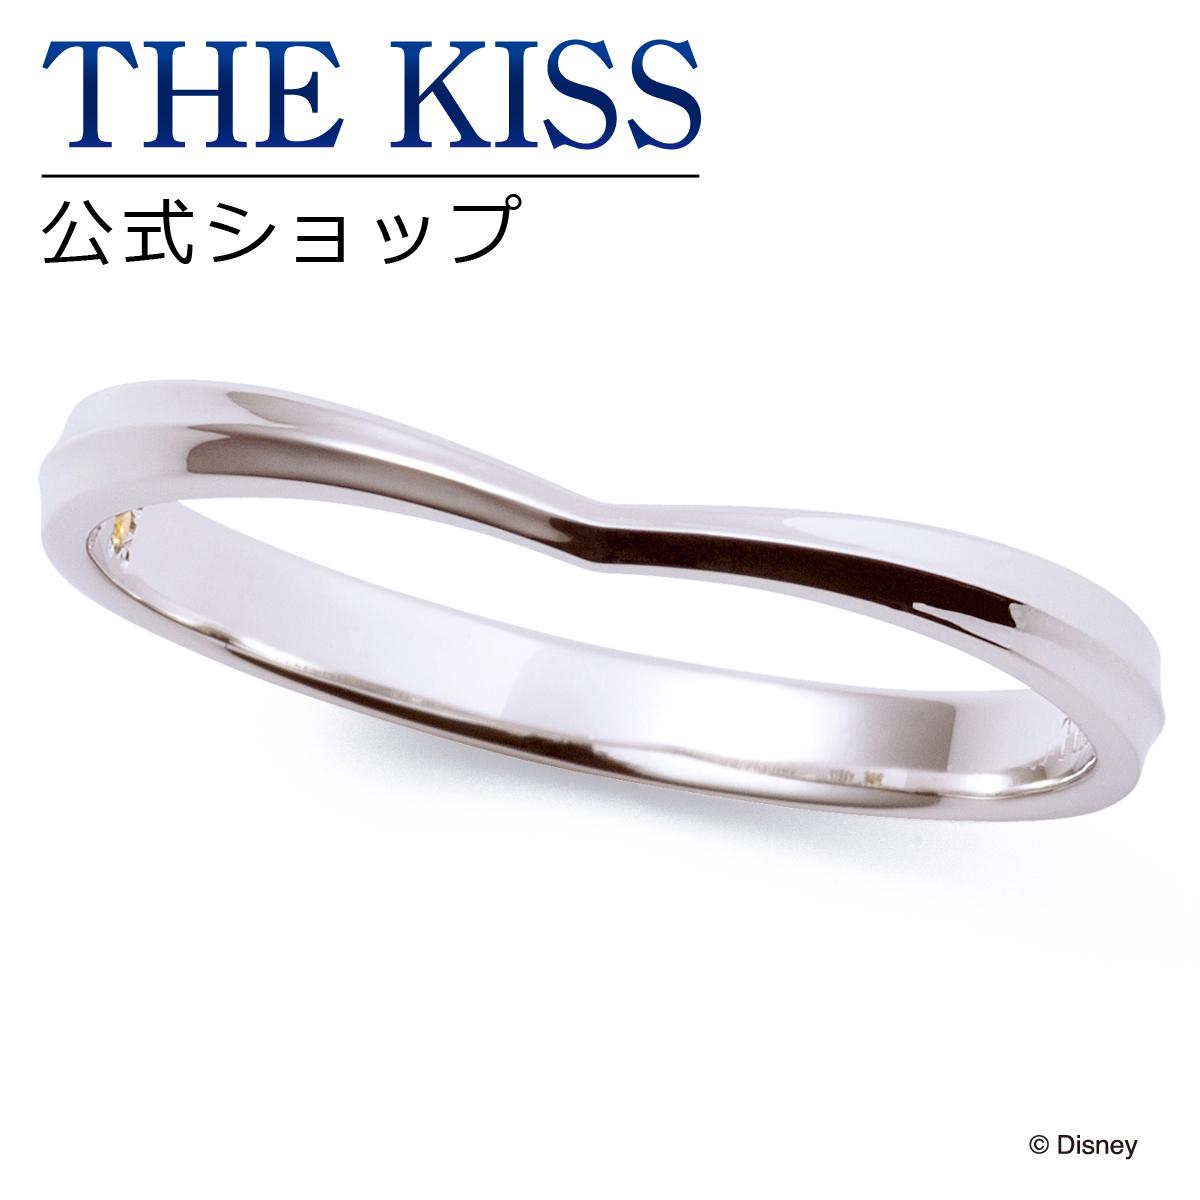 【あす楽対応】【ディズニーコレクション】 ディズニー / ペアリング / ディズニープリンセス ベル / THE KISS sweets リング・指輪 K10ホワイトゴールド (メンズ 単品) DI-WR2701YSP ザキス 【送料無料】【Disneyzone】